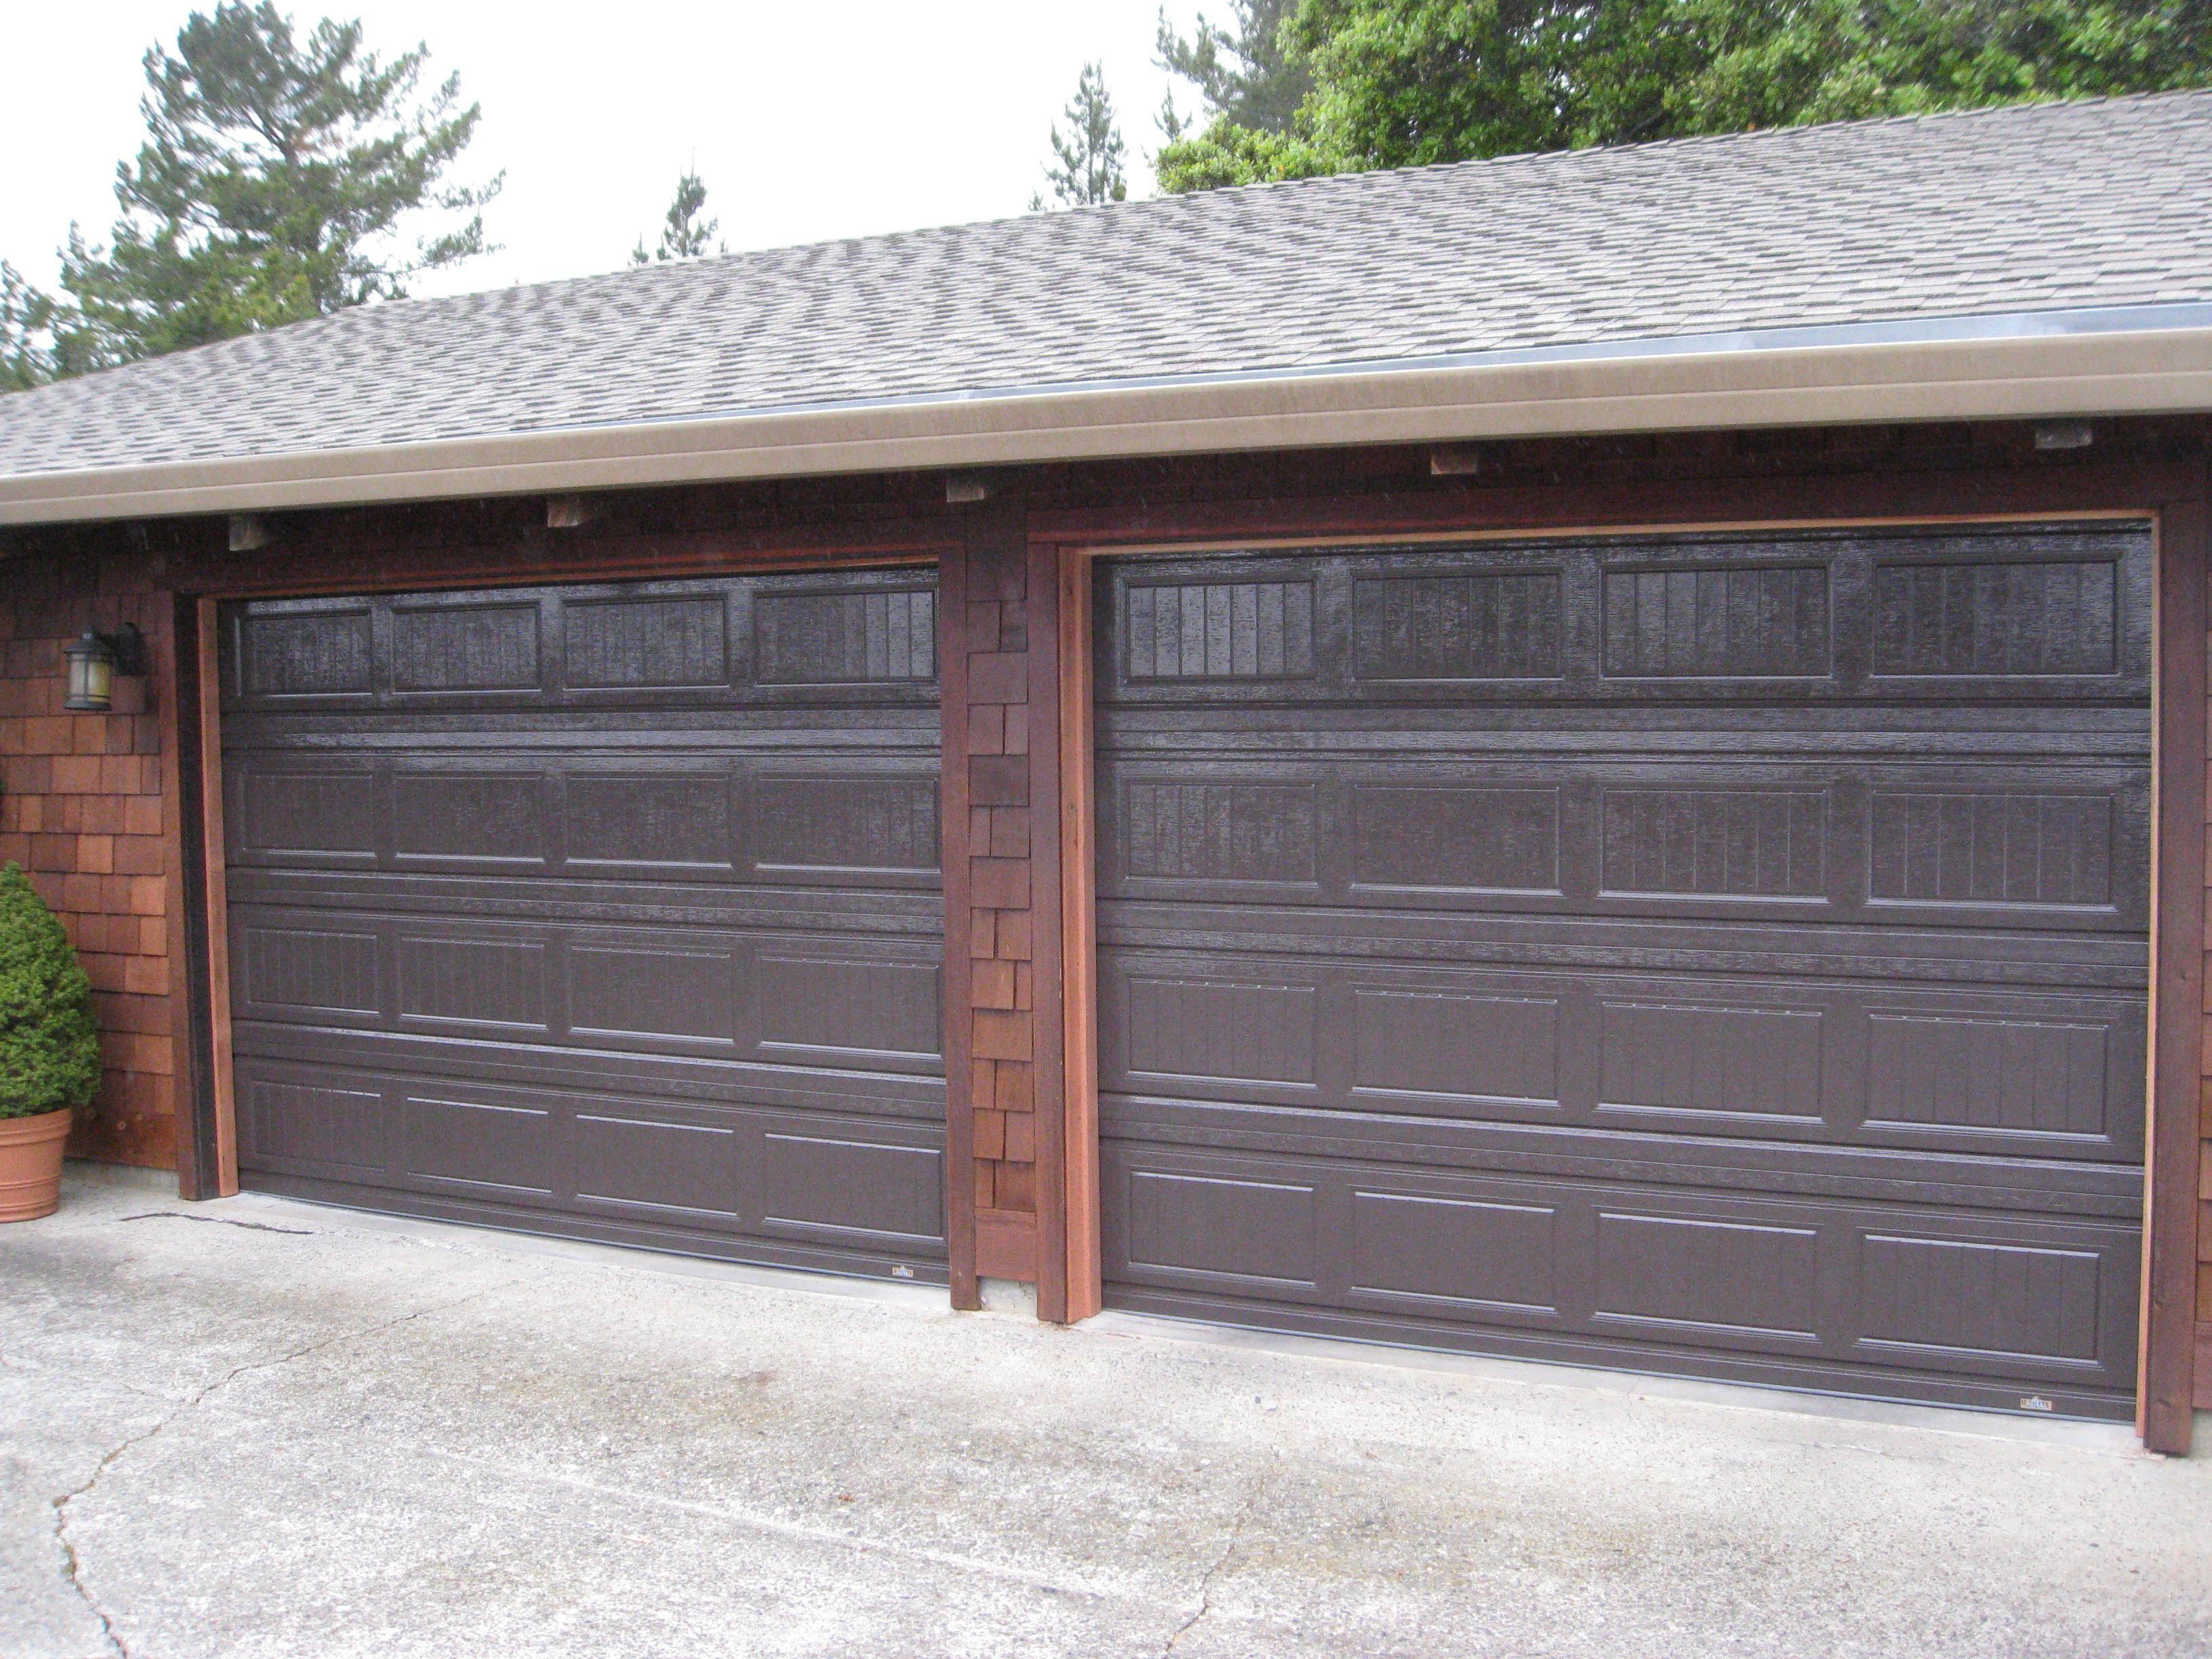 2448 #4C6038 Grooved Doors In Dark Brown Garage Doors Amp Gates Pinterest pic Dark Brown Garage Doors 37613264